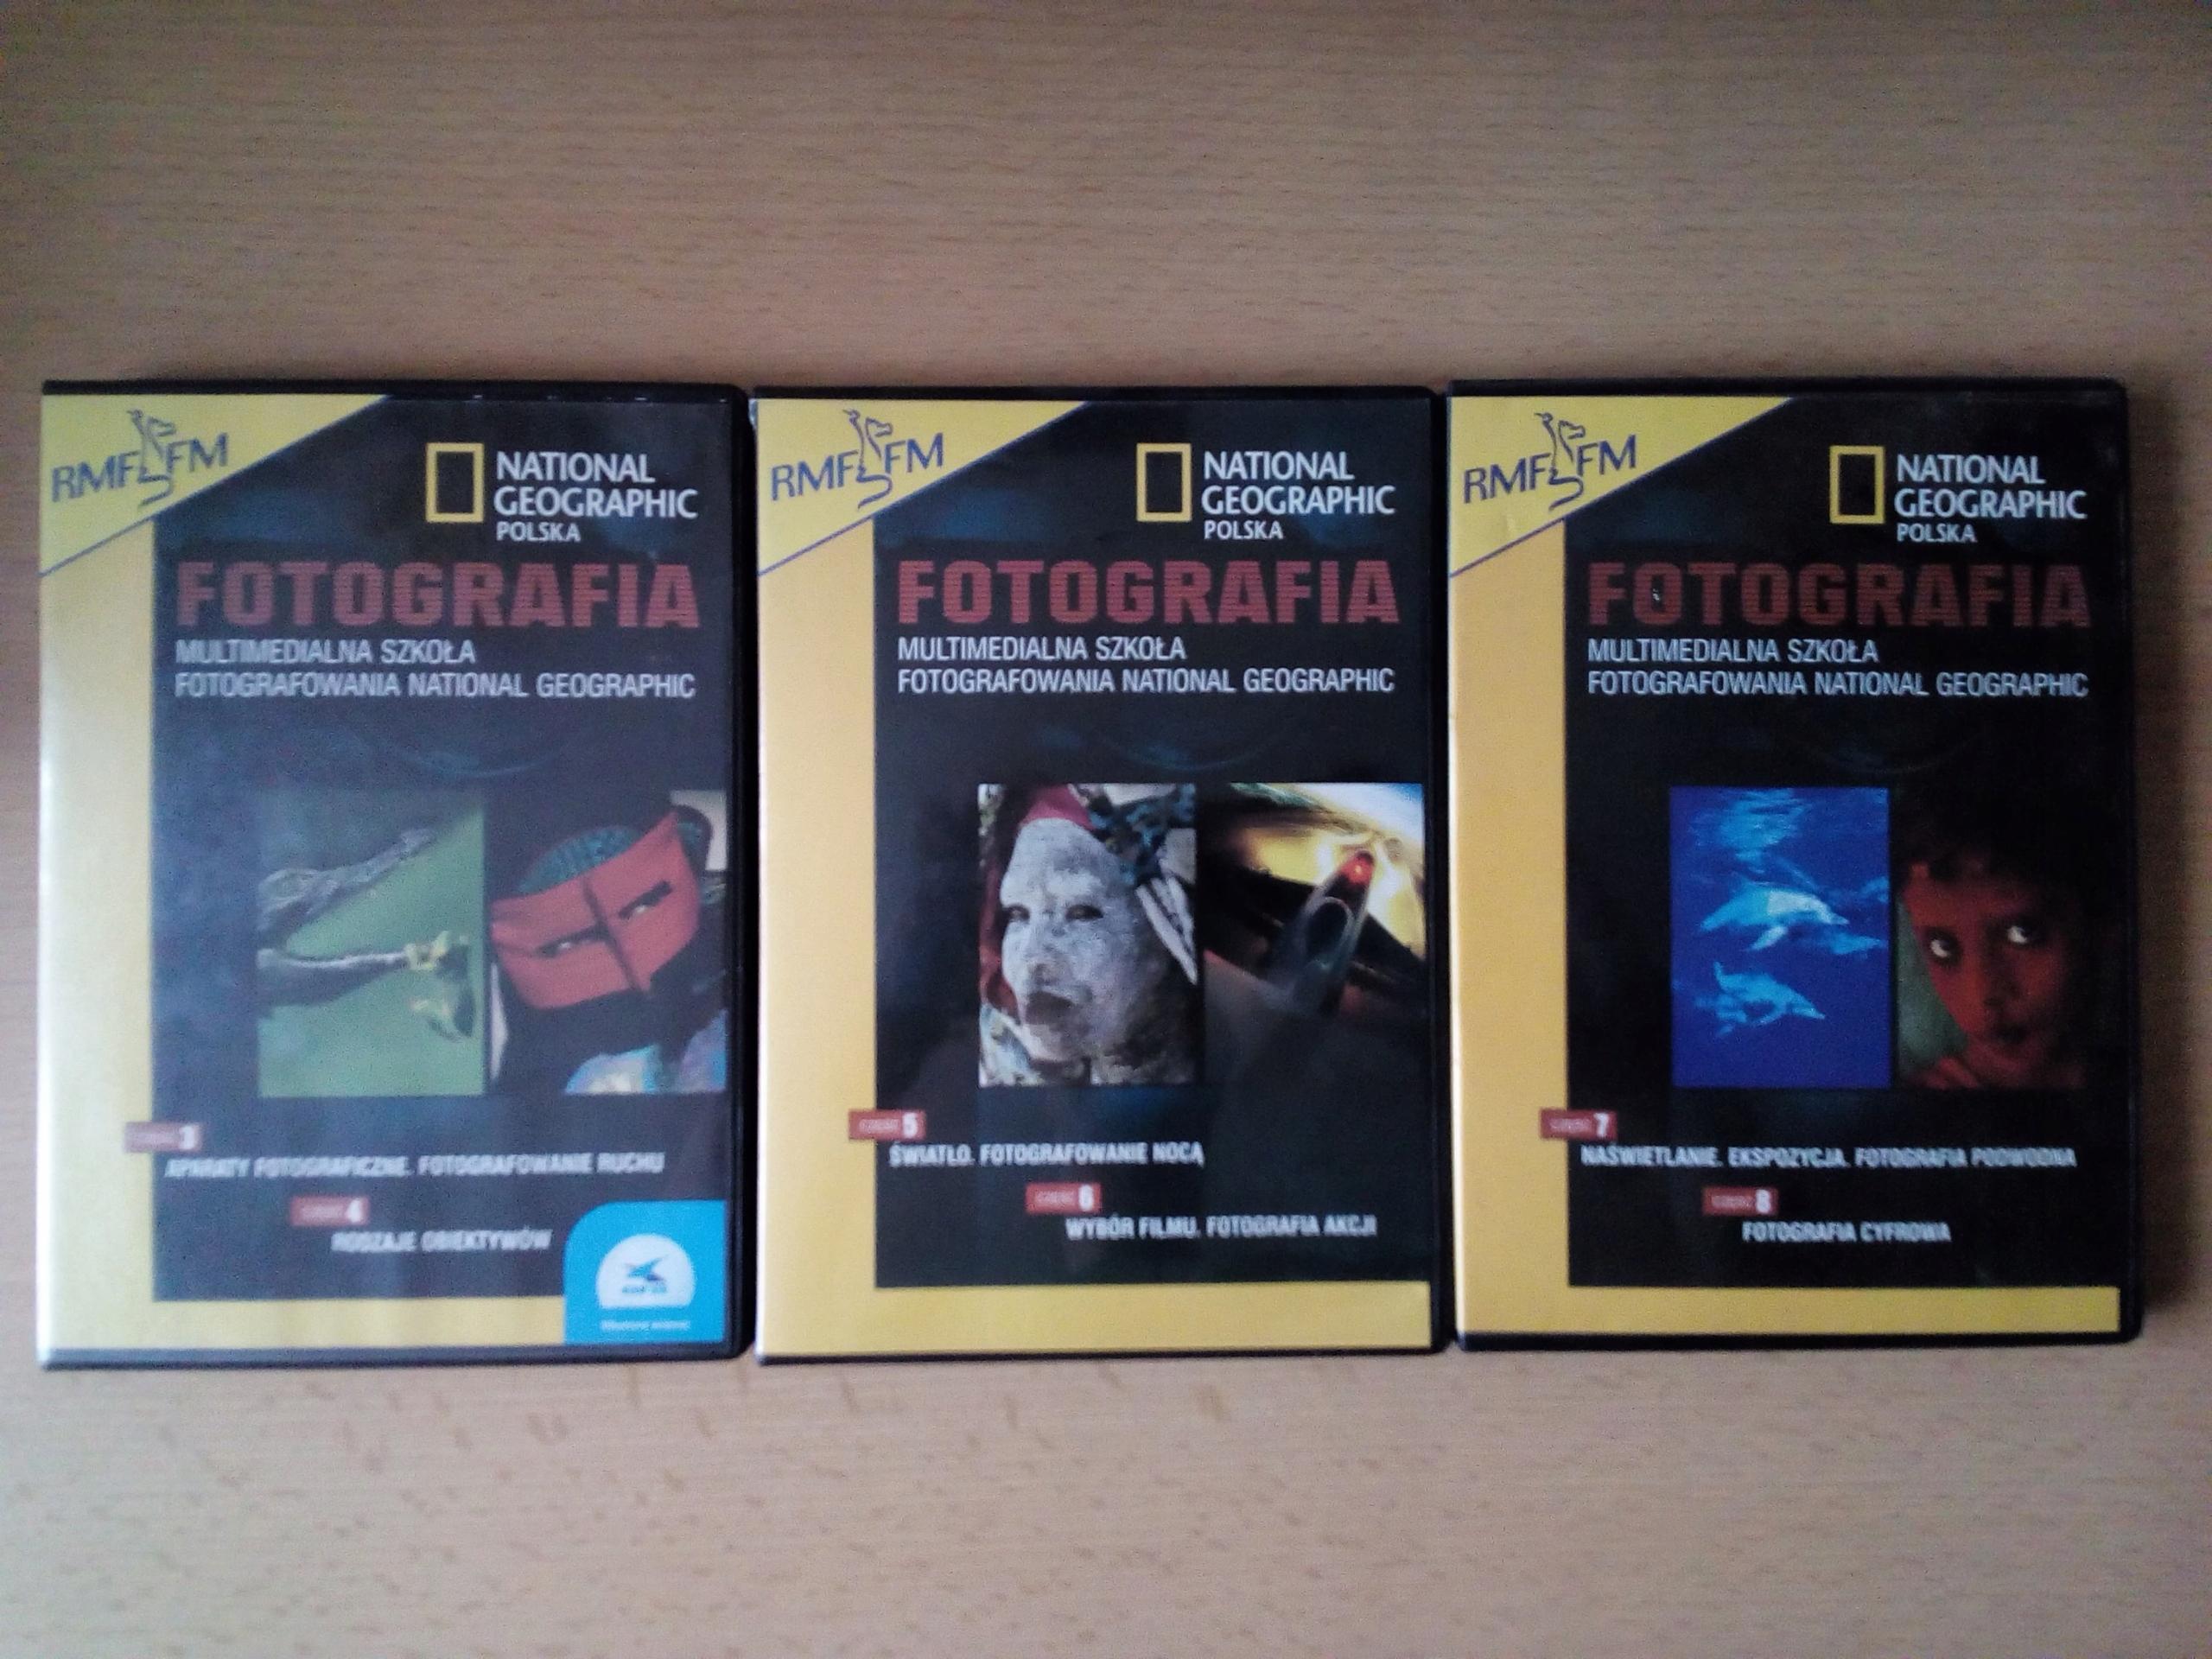 National Geographic szkoła foto 3-8